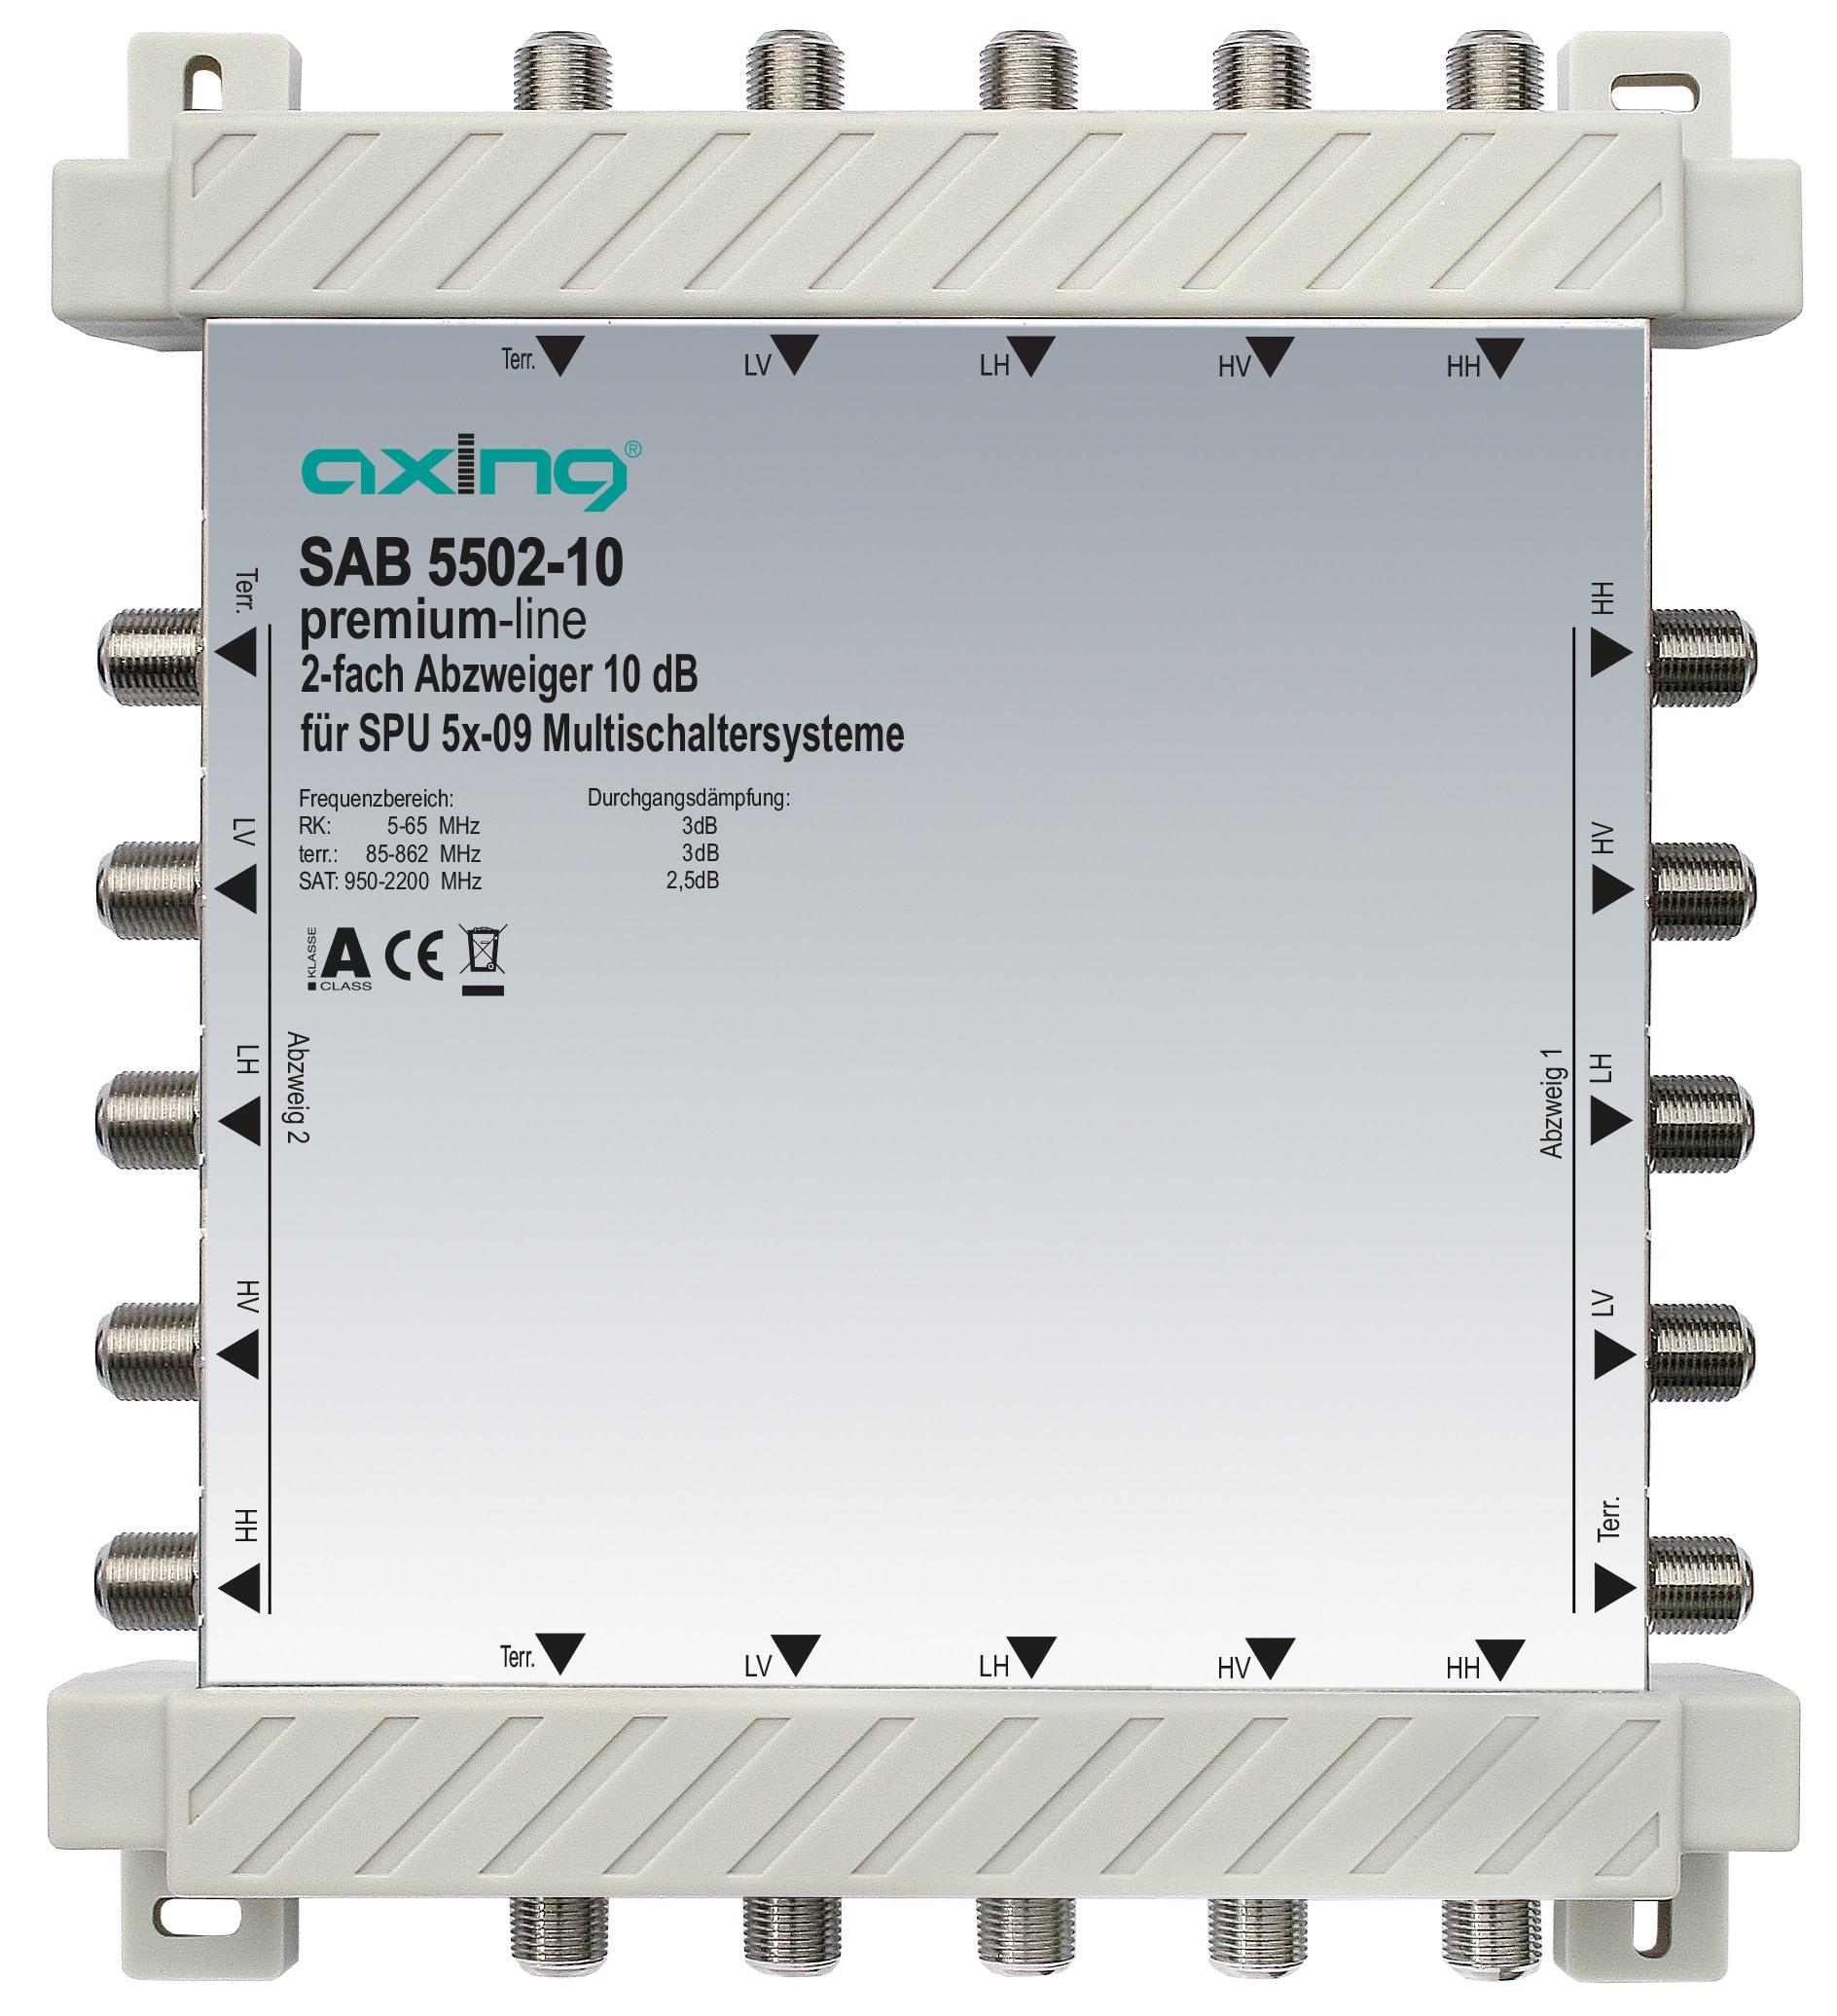 1 Stk 2-fach Abzweiger, 5 in 5, 10 dB, 5 bis 2200 MHz, SAB5502-10 HSZUV55210